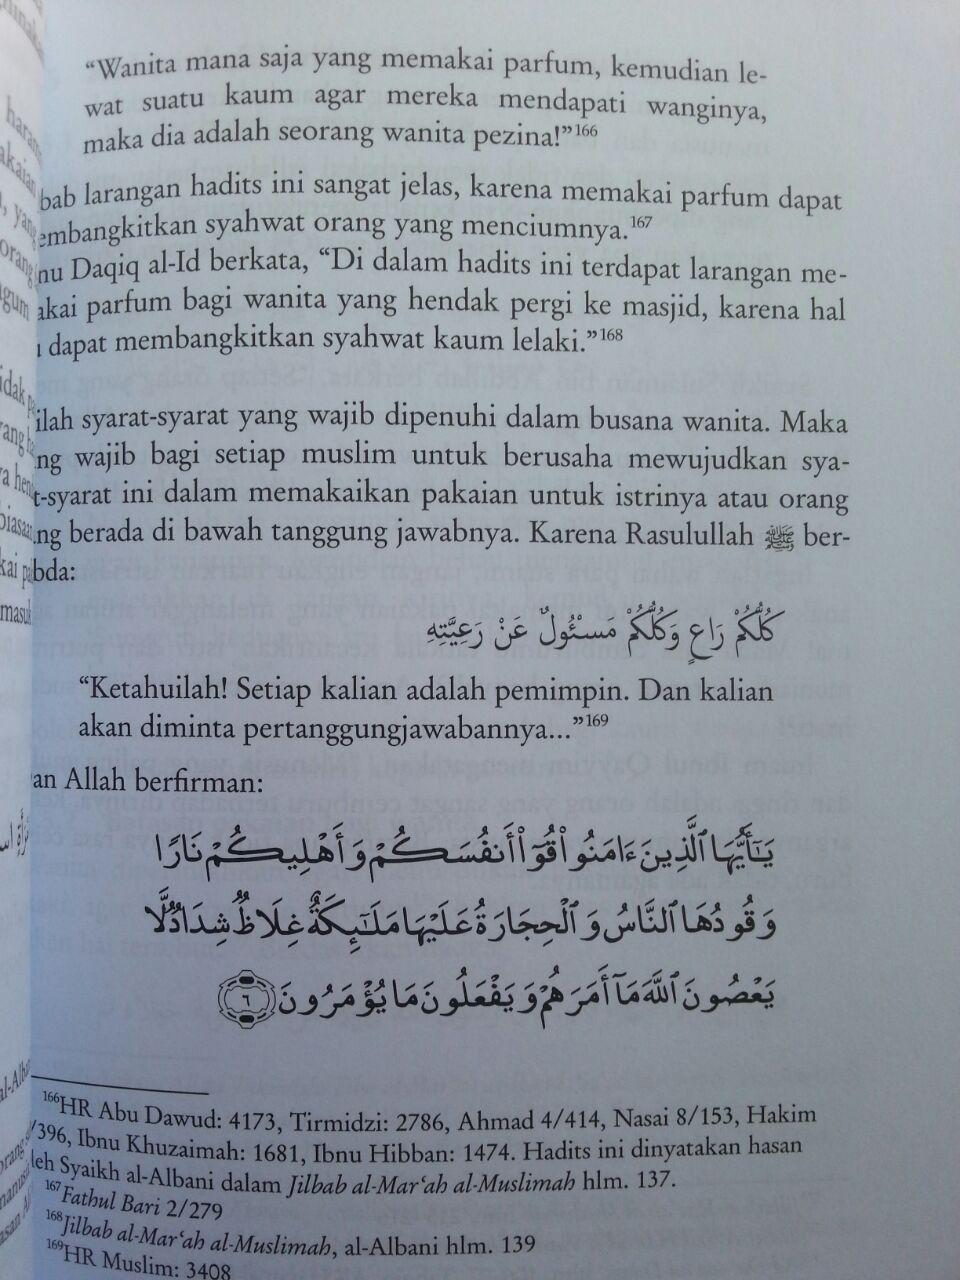 Buku Wanita Dan Mode Panduan Berhias Wanita Sesuai Al-Quran dan As-Sunnah isi 3